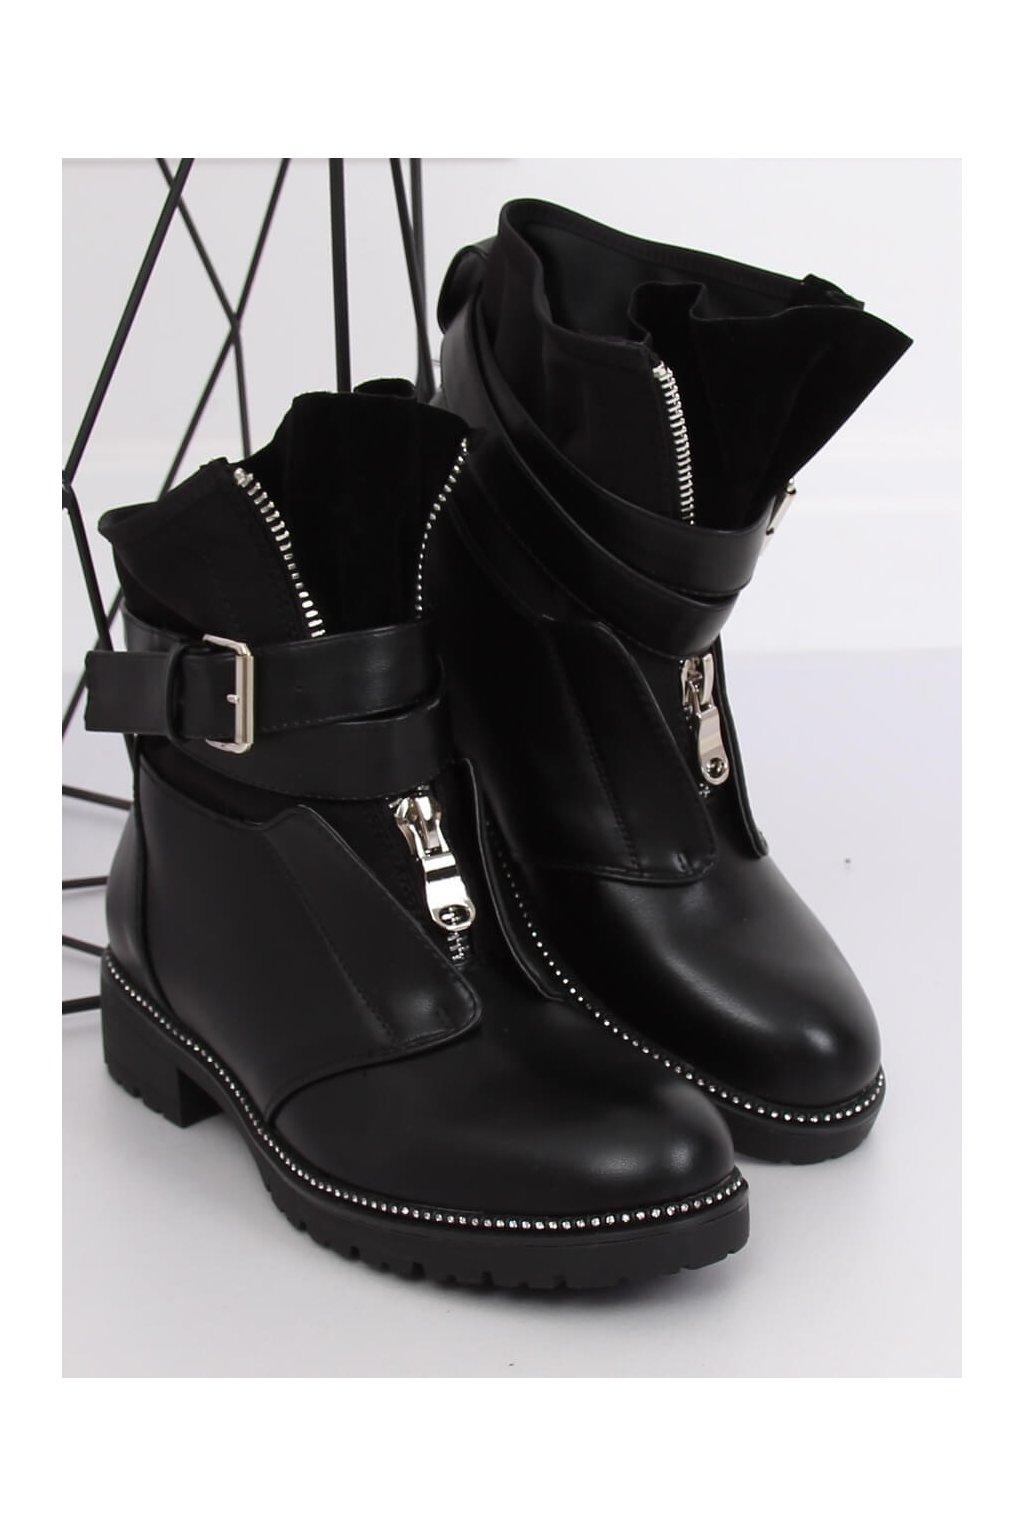 Dámske členkové topánky čierne na plochom podpätku NC821